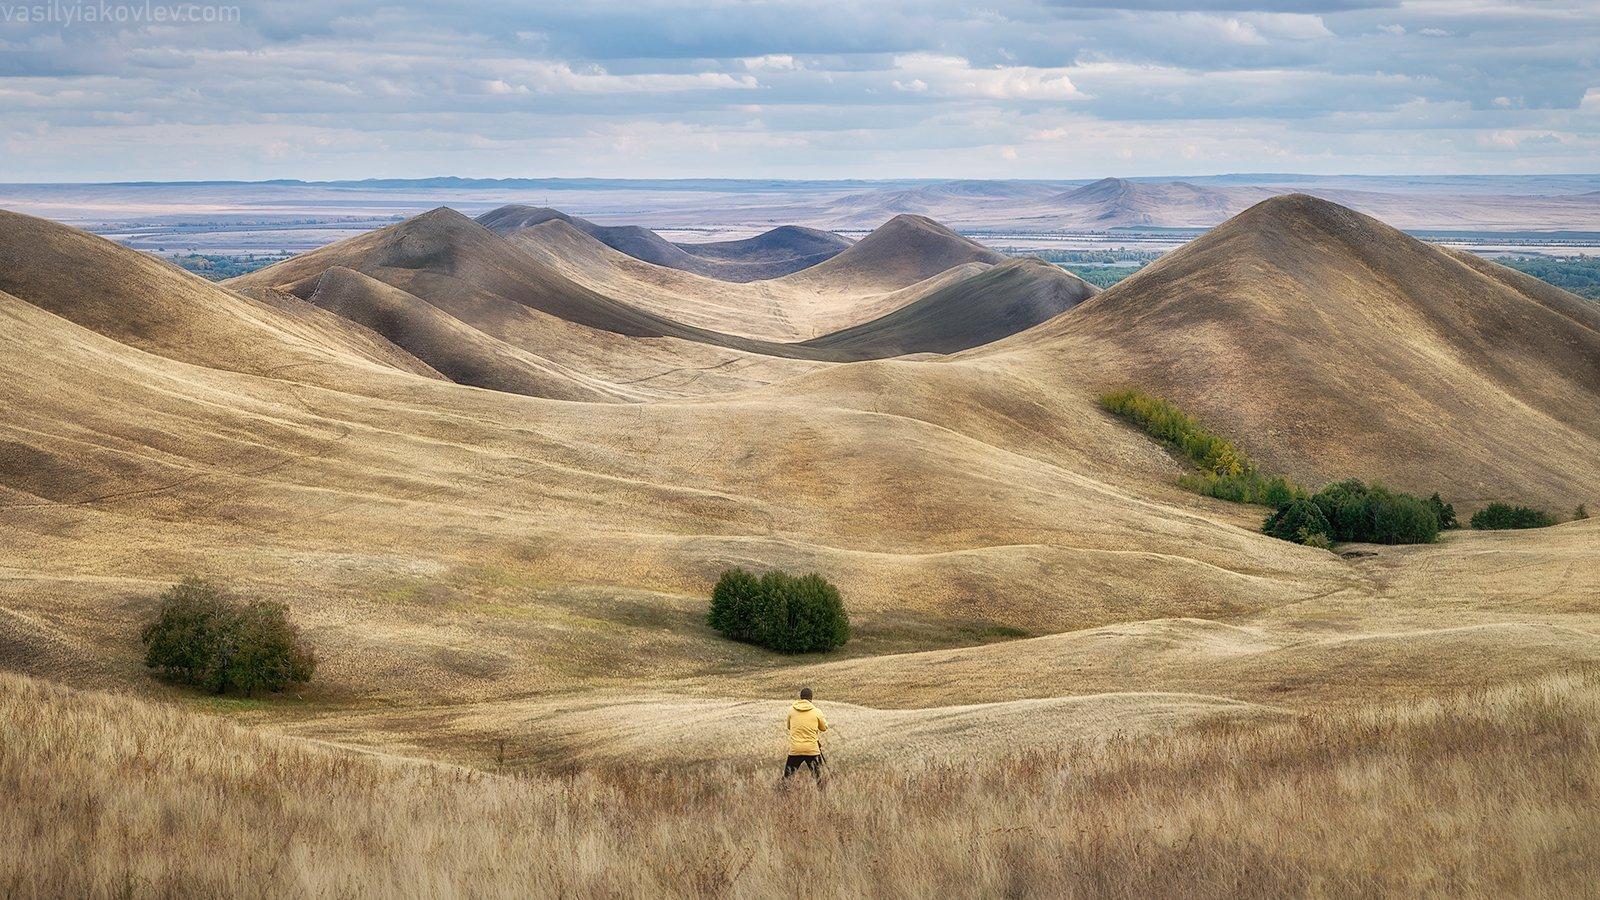 долгие горы, фототур, яковлевфототур, василийяковлев, Василий Яковлев